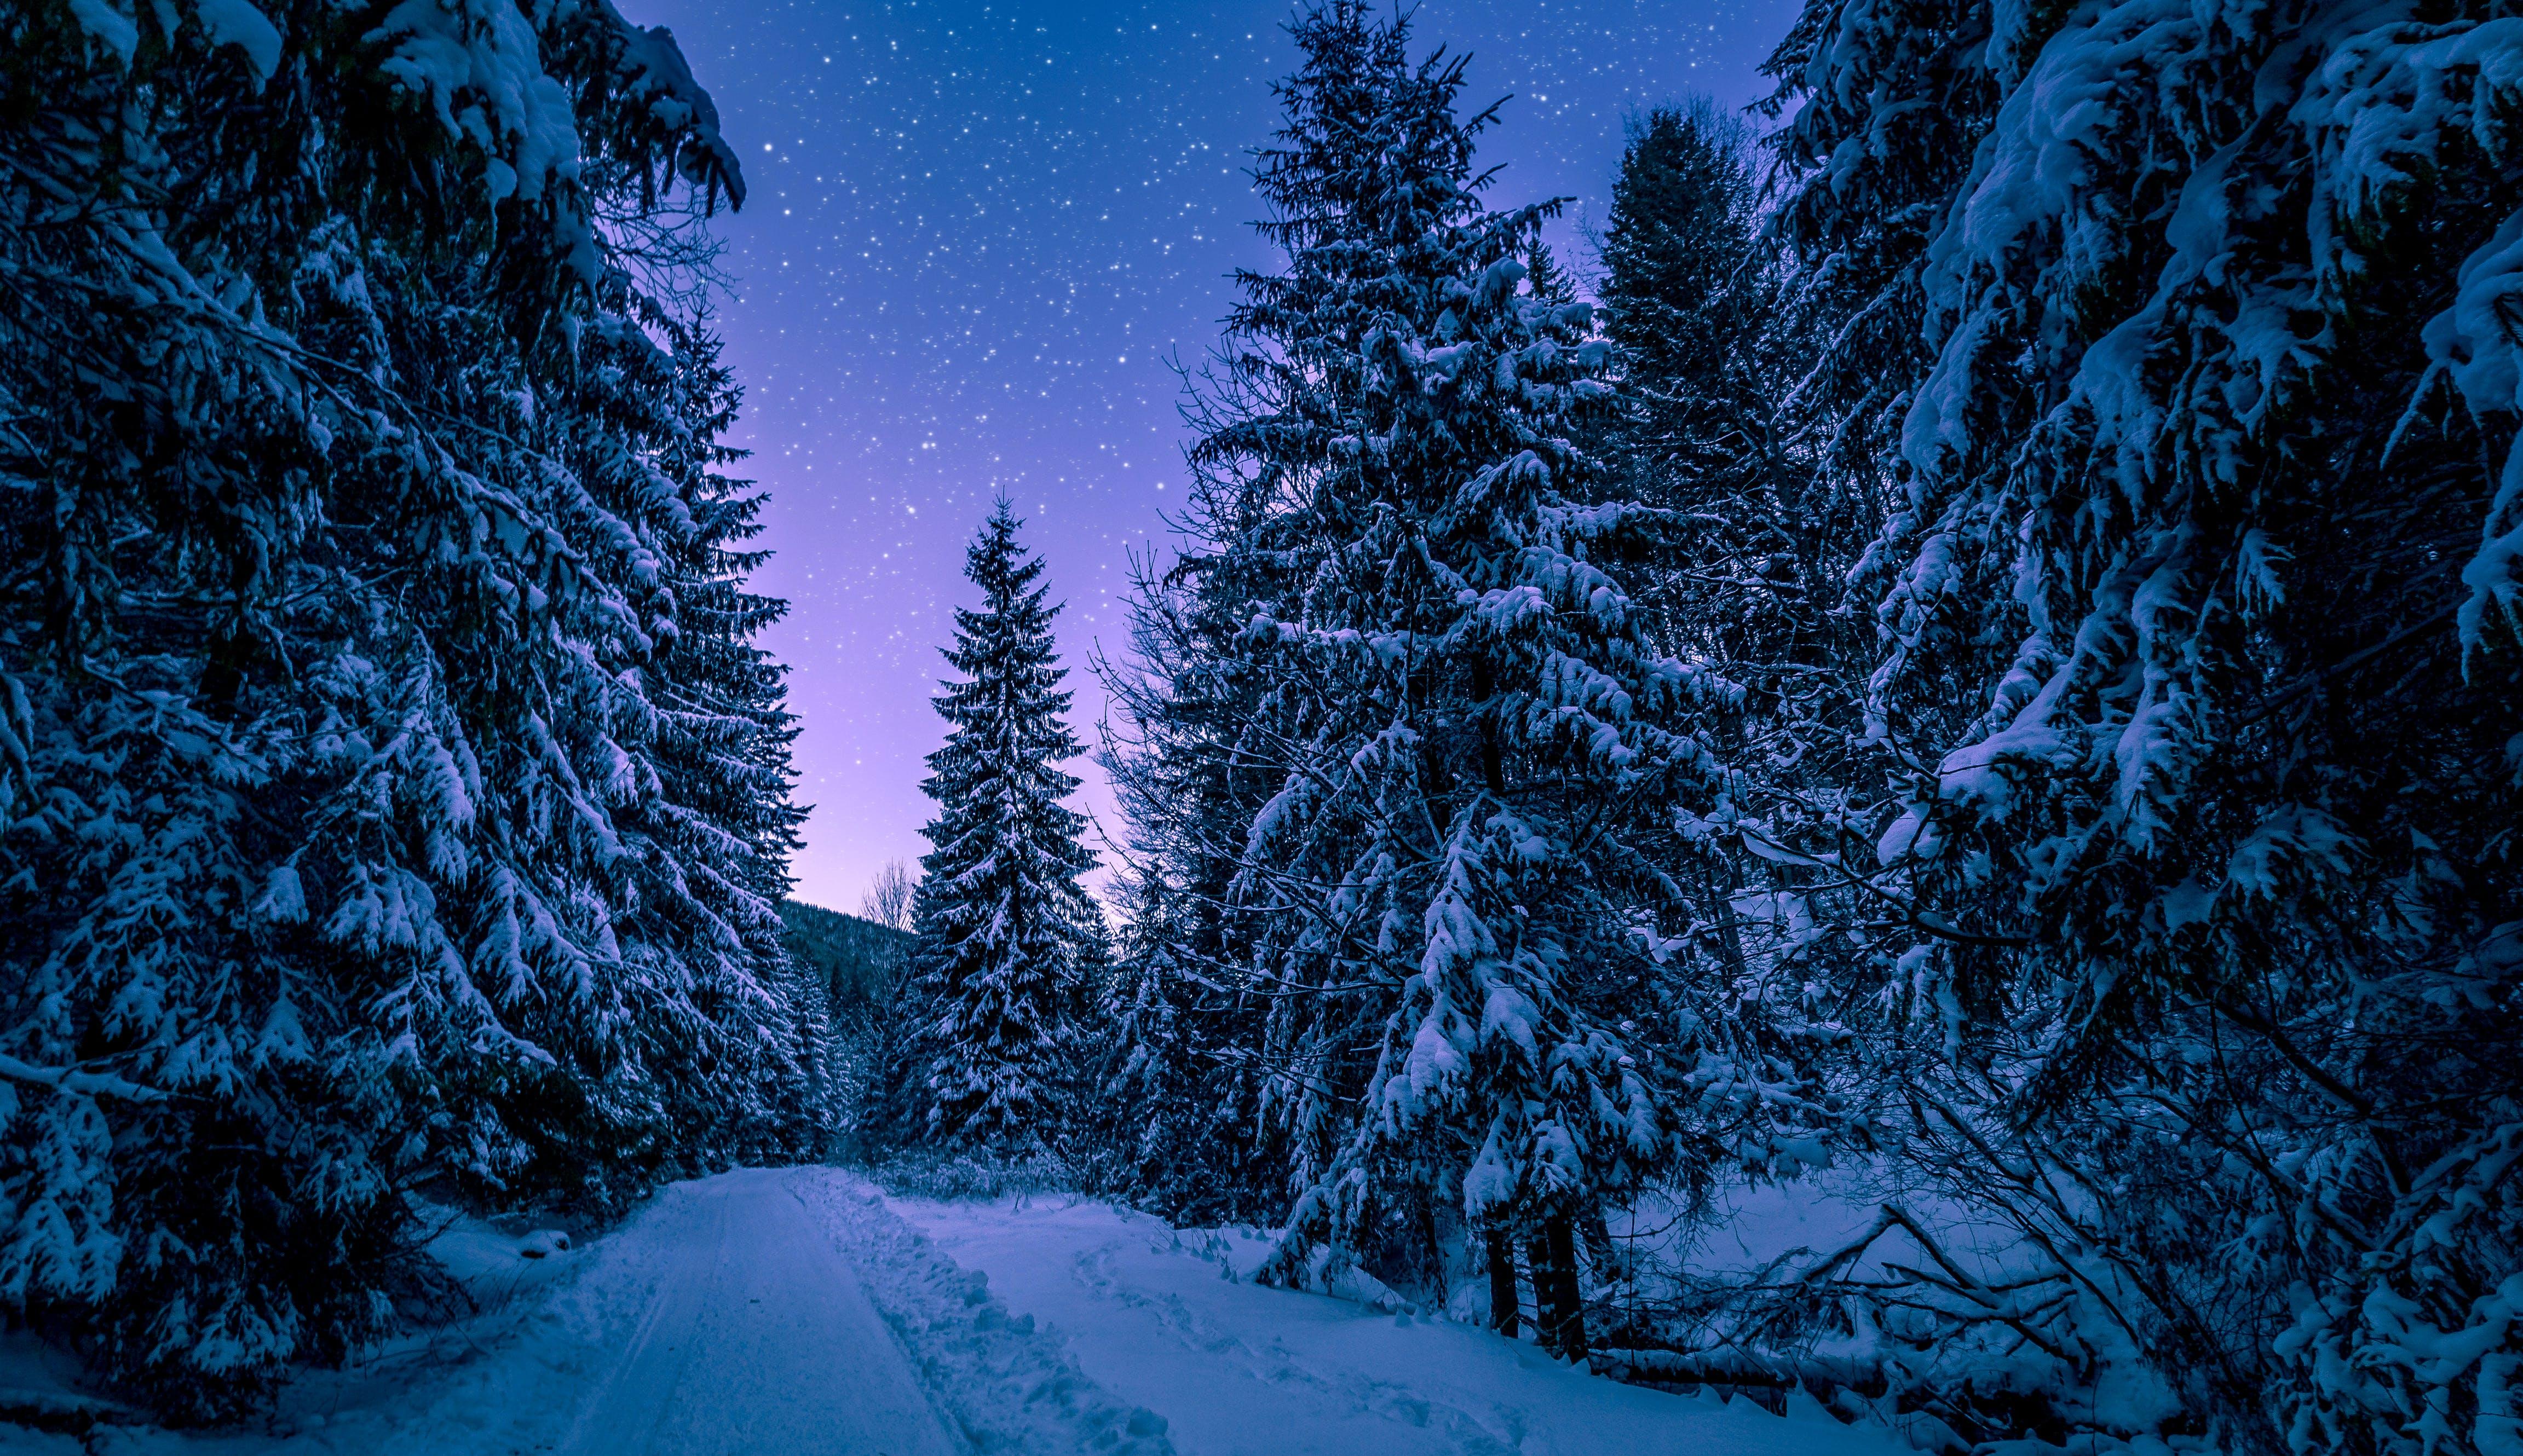 äste, bäume, einfrieren